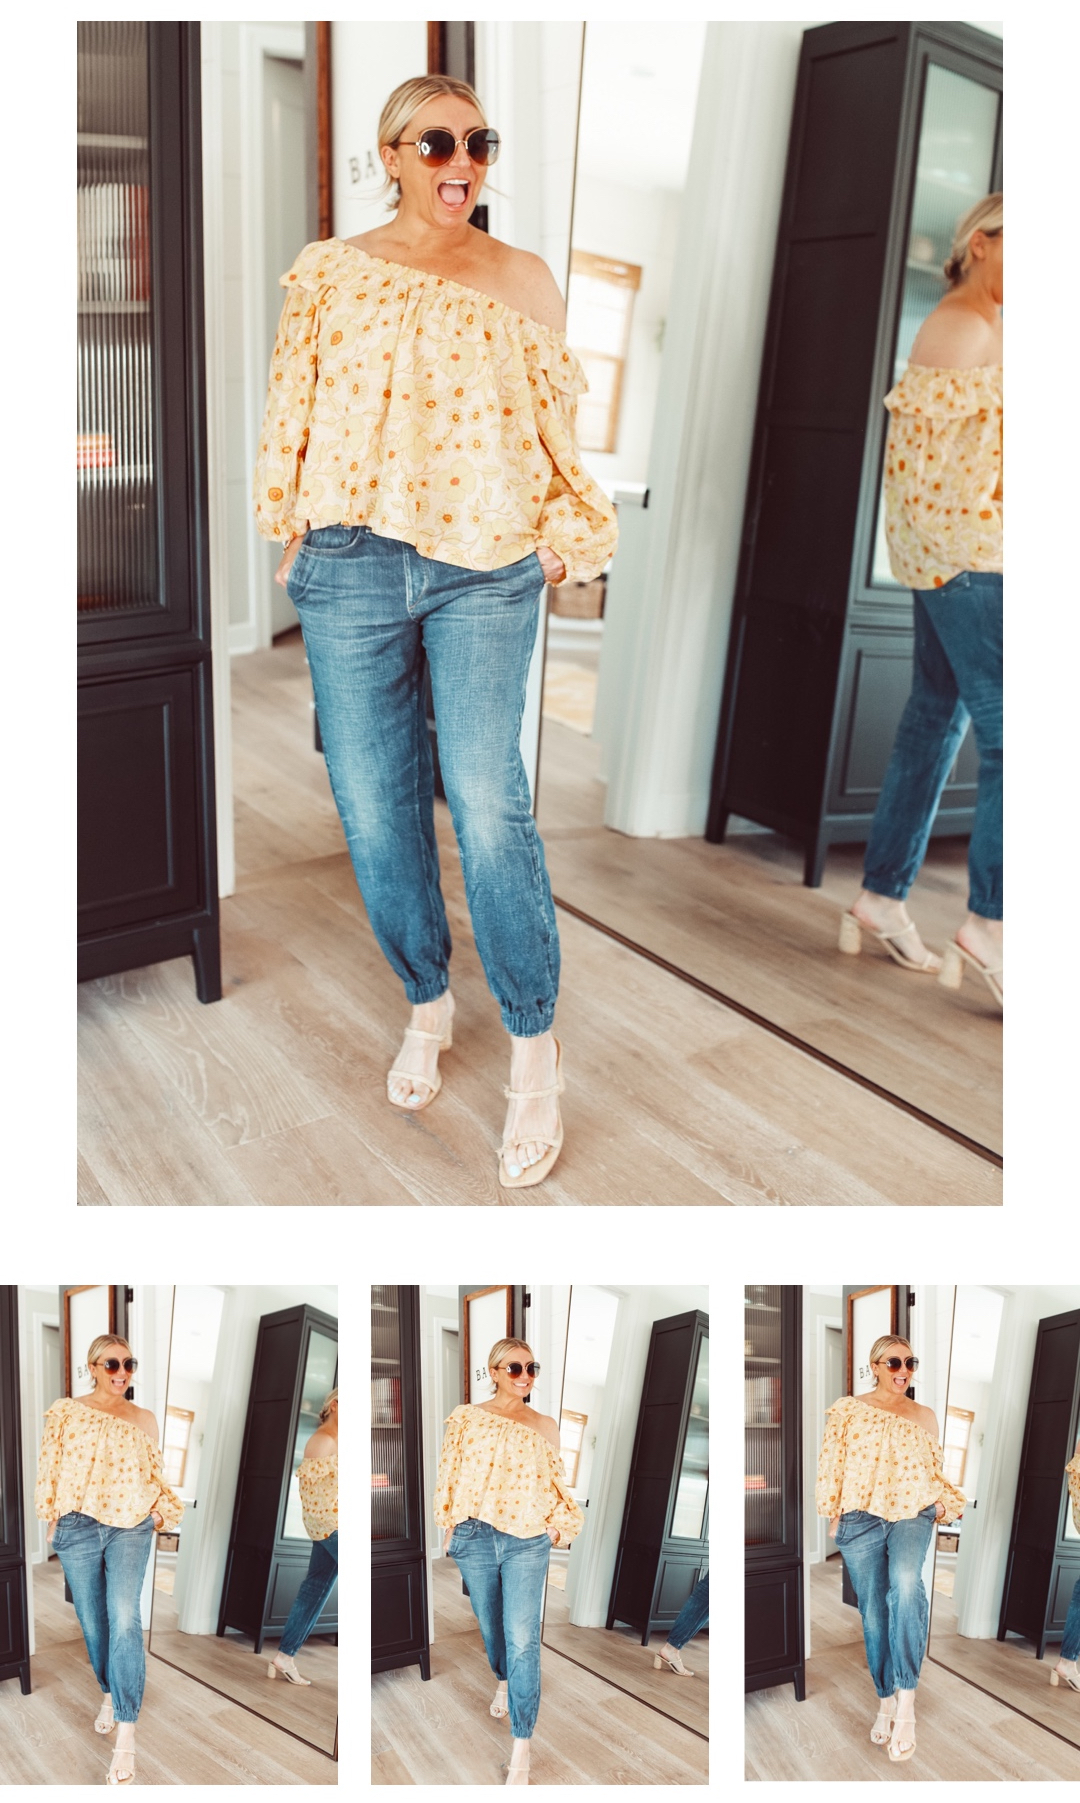 happy woman posing in jeans